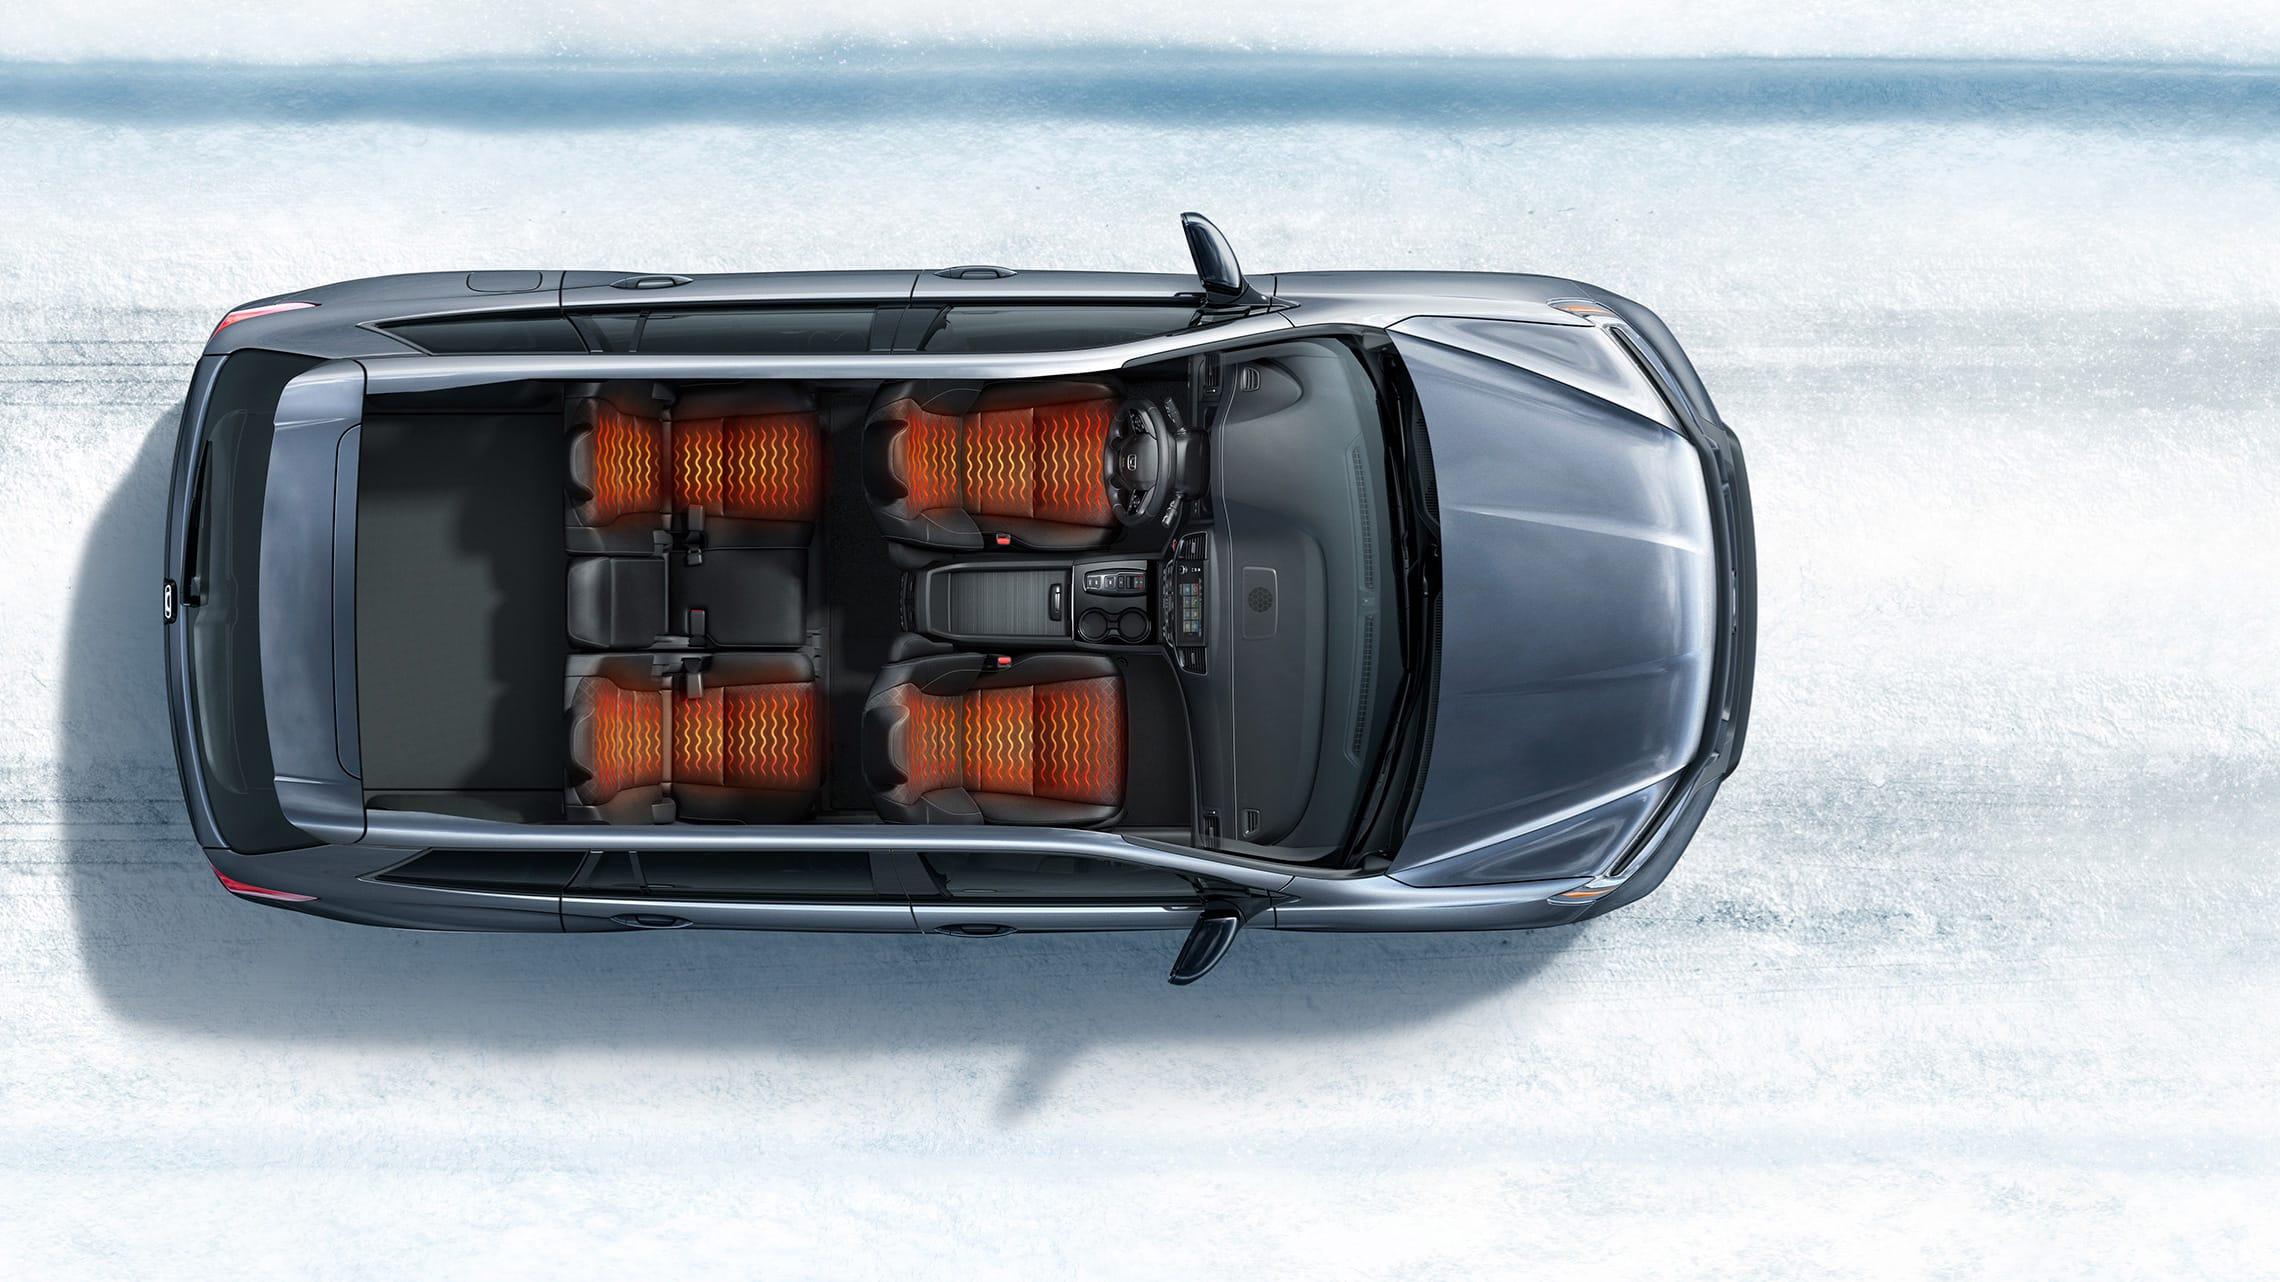 Vista aérea de la Honda Passport Elite2021 que muestra asientos calefaccionados en un entorno de caminos nevados.